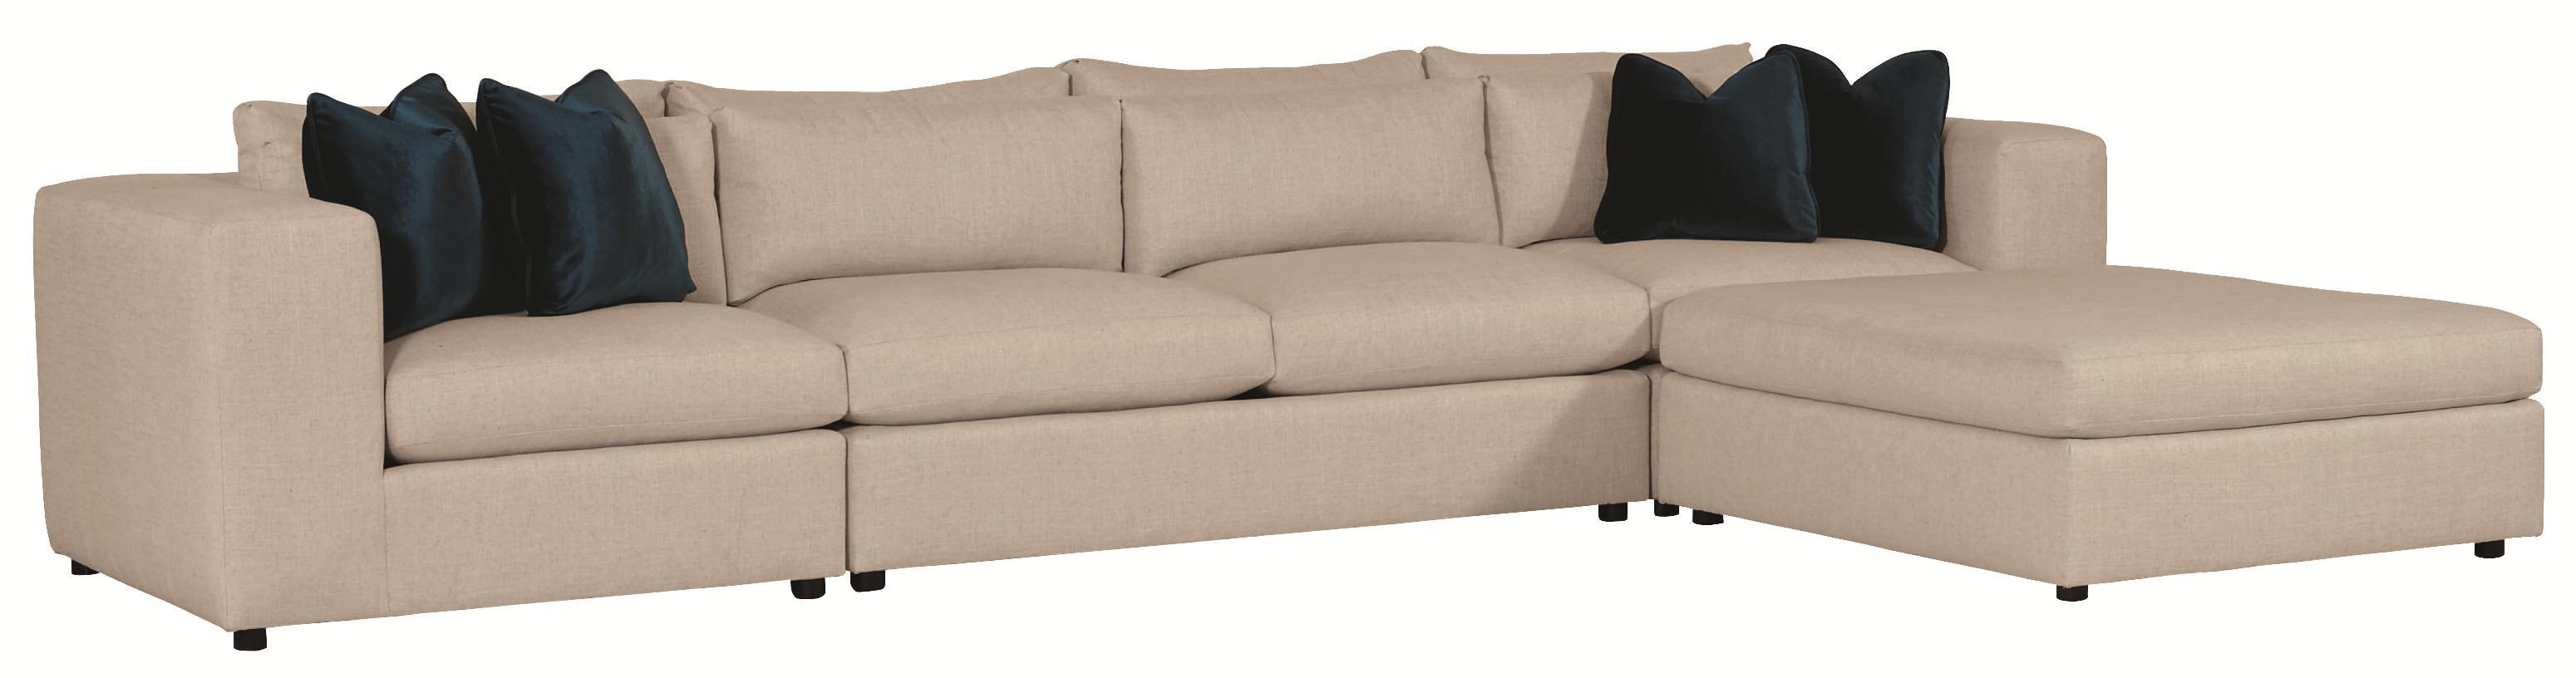 Bernhardt Como Contemporary Sectional Sofa with Modern ...